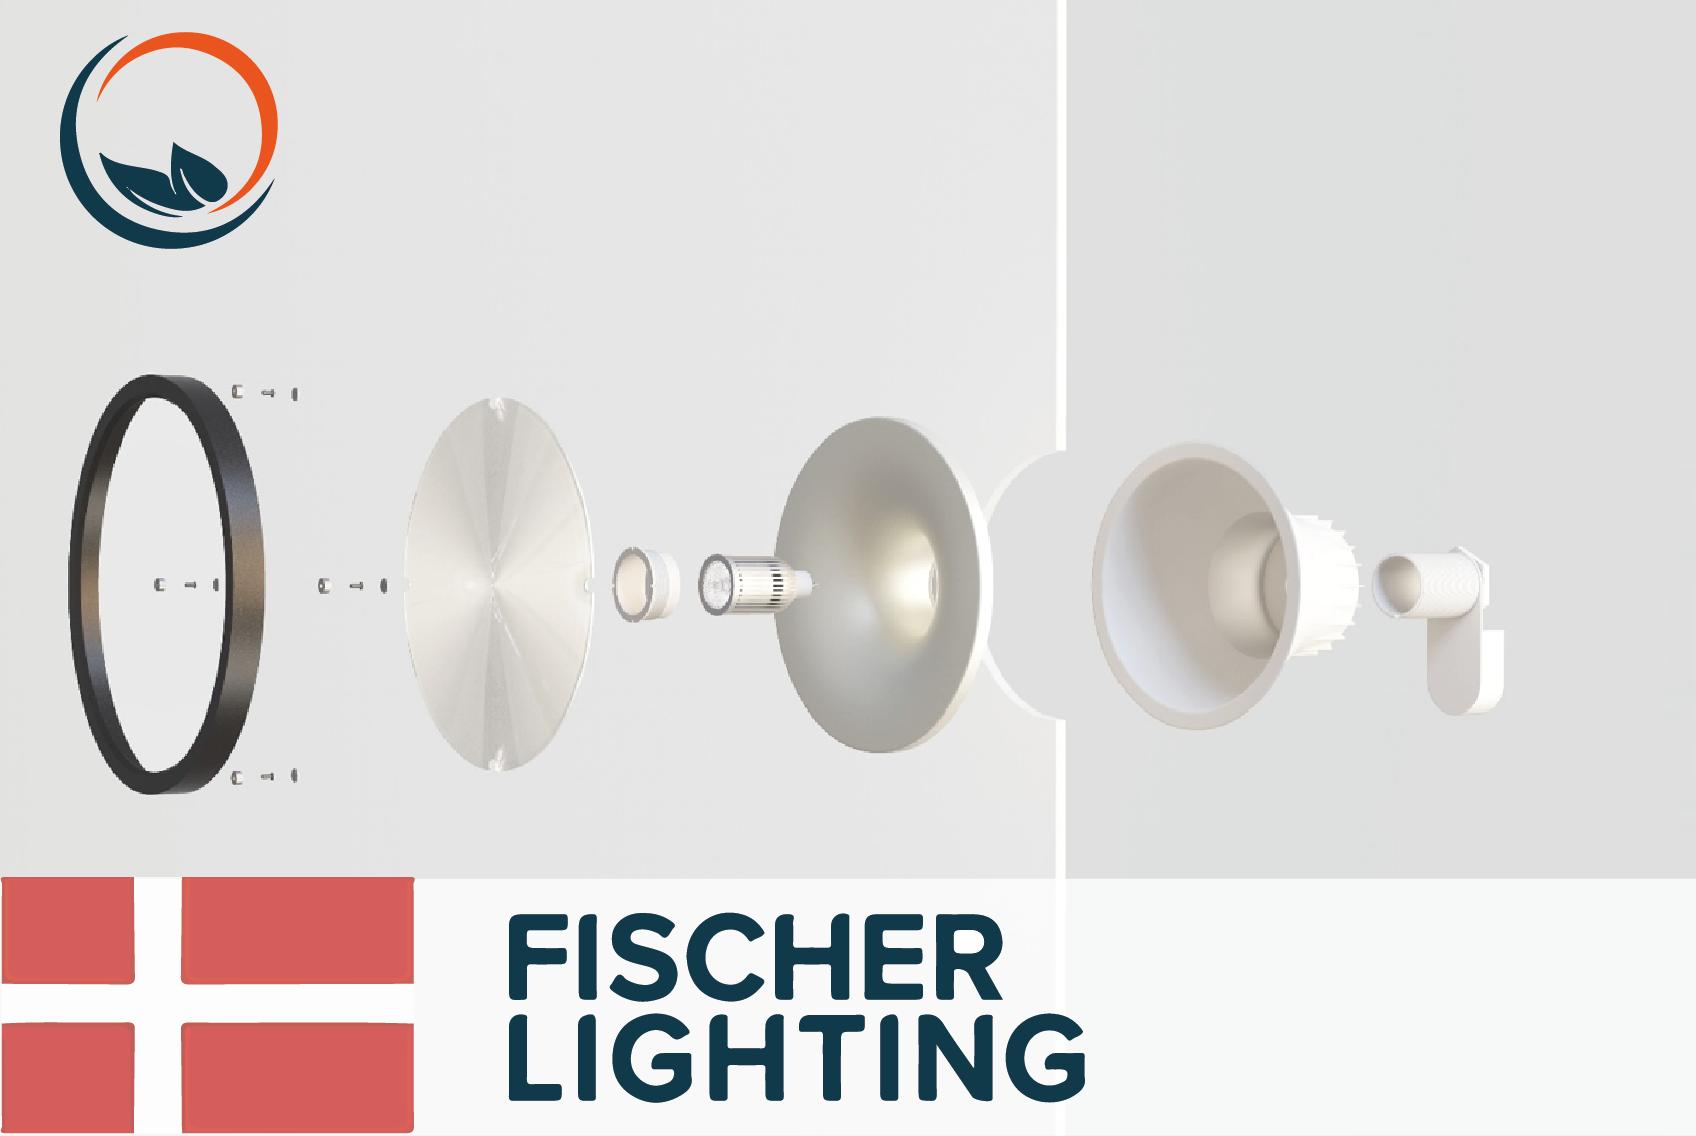 #45 Fischer Lighting - Refurbishing old Lighting Fixtures - CIRCit Nord